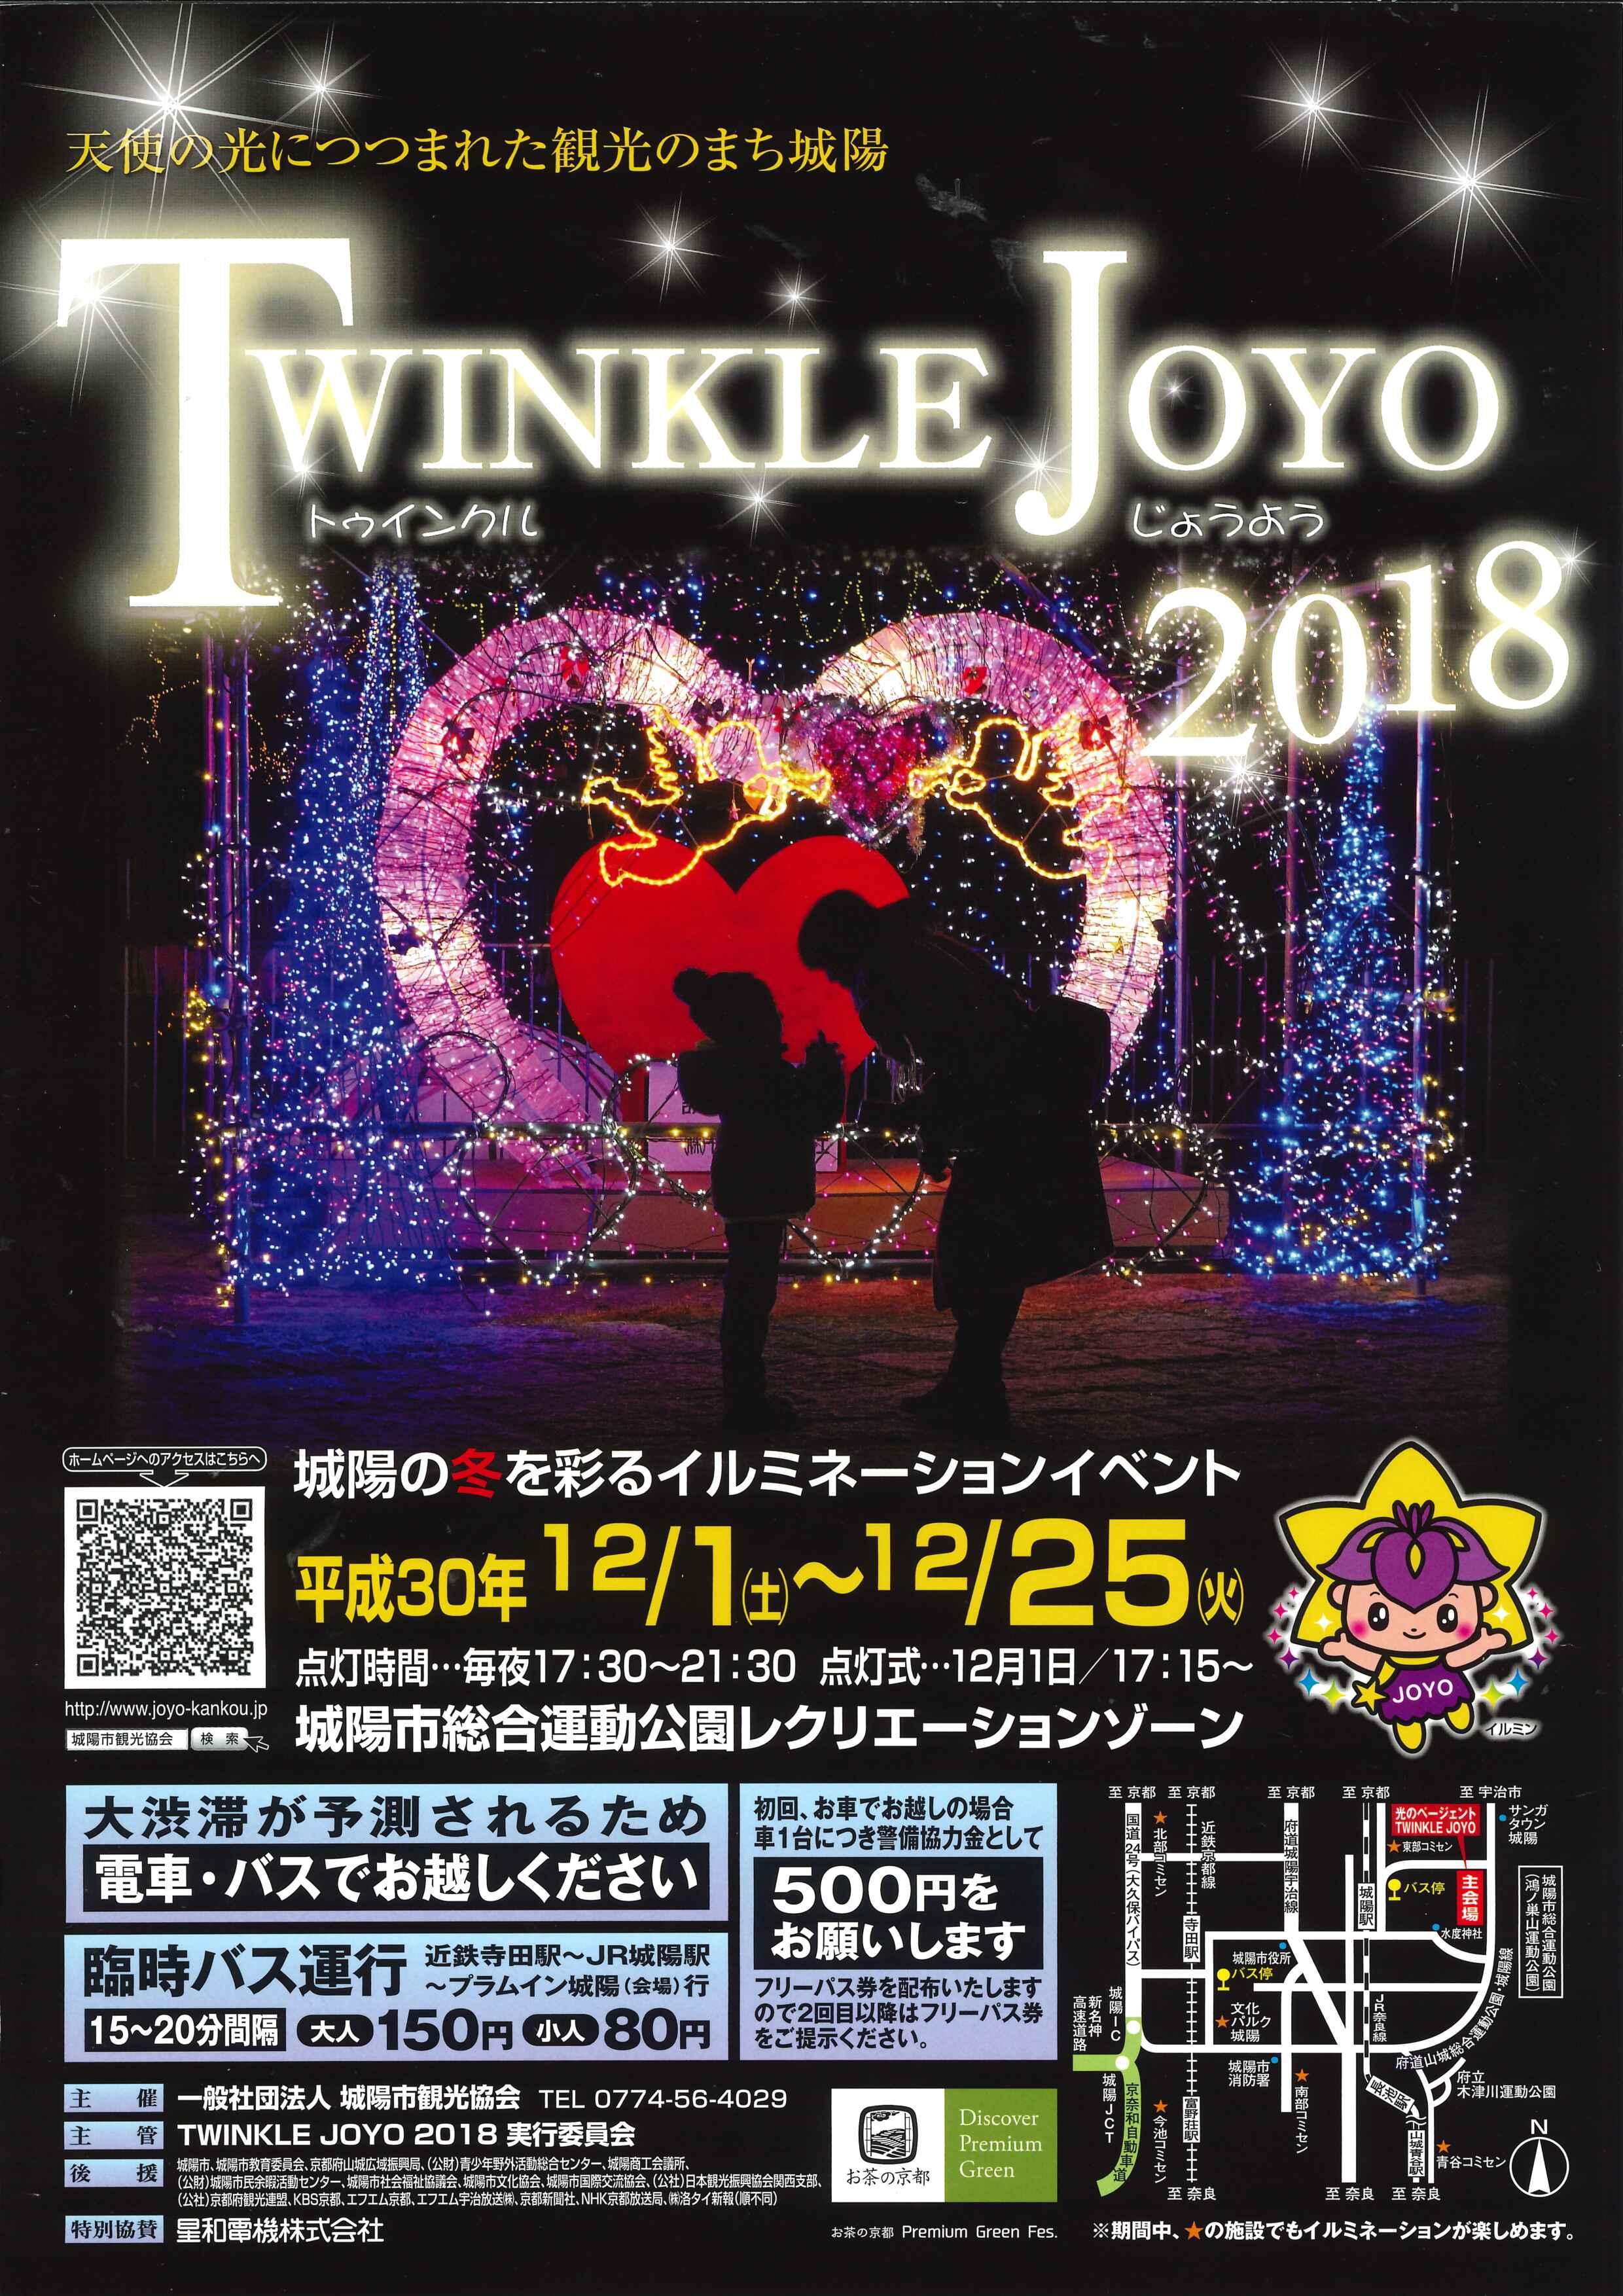 TWINKLE JOYO 2018